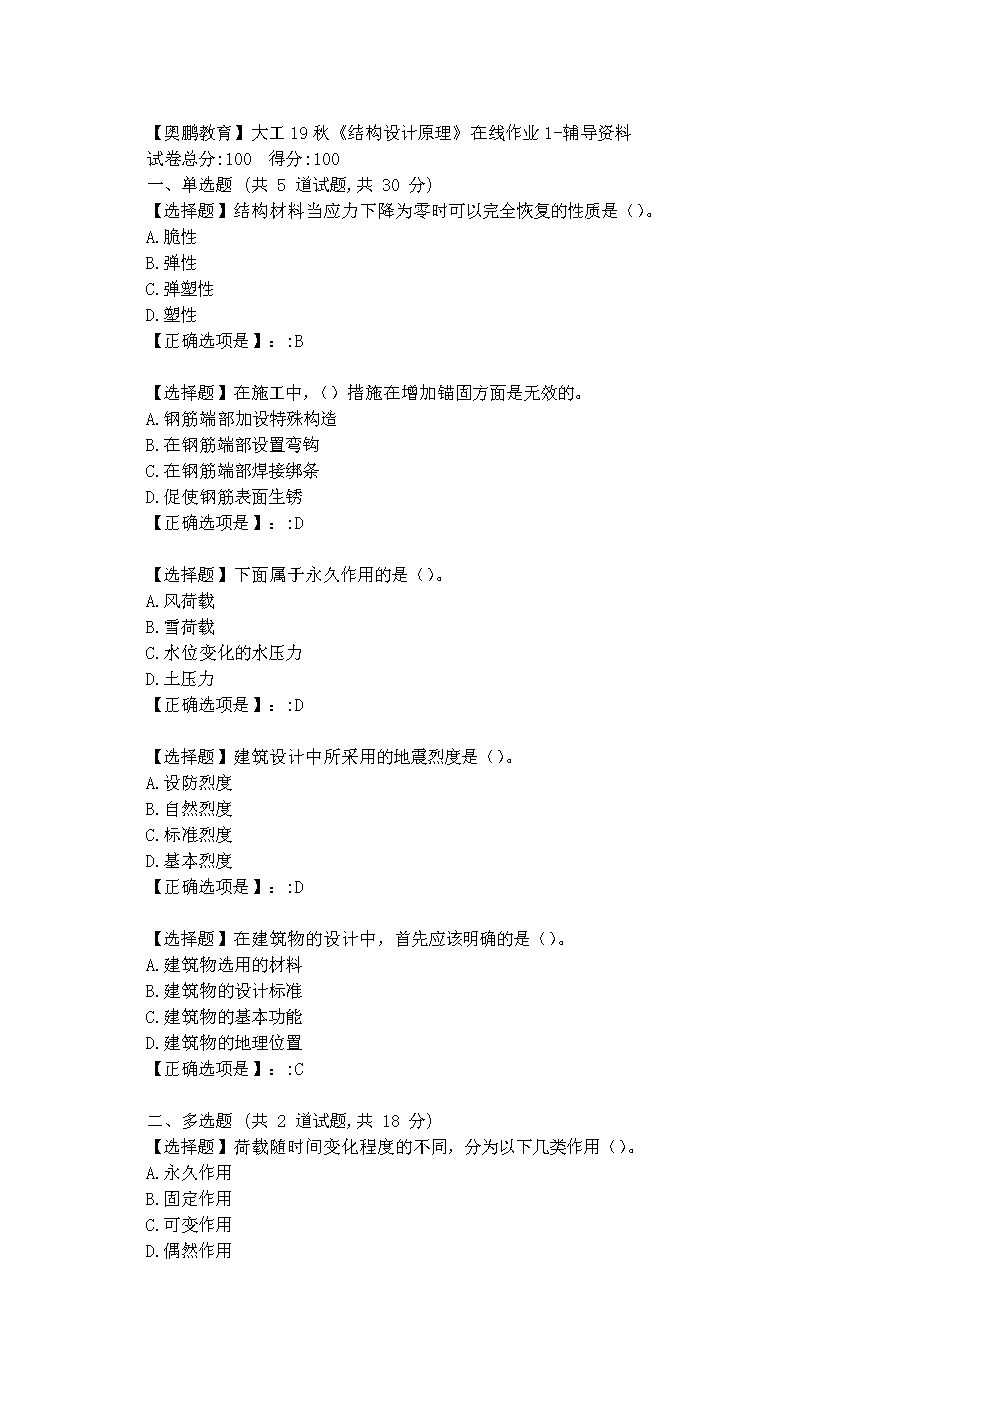 大连理工大学19秋《结构设计原理》在线作业1学习资料.doc